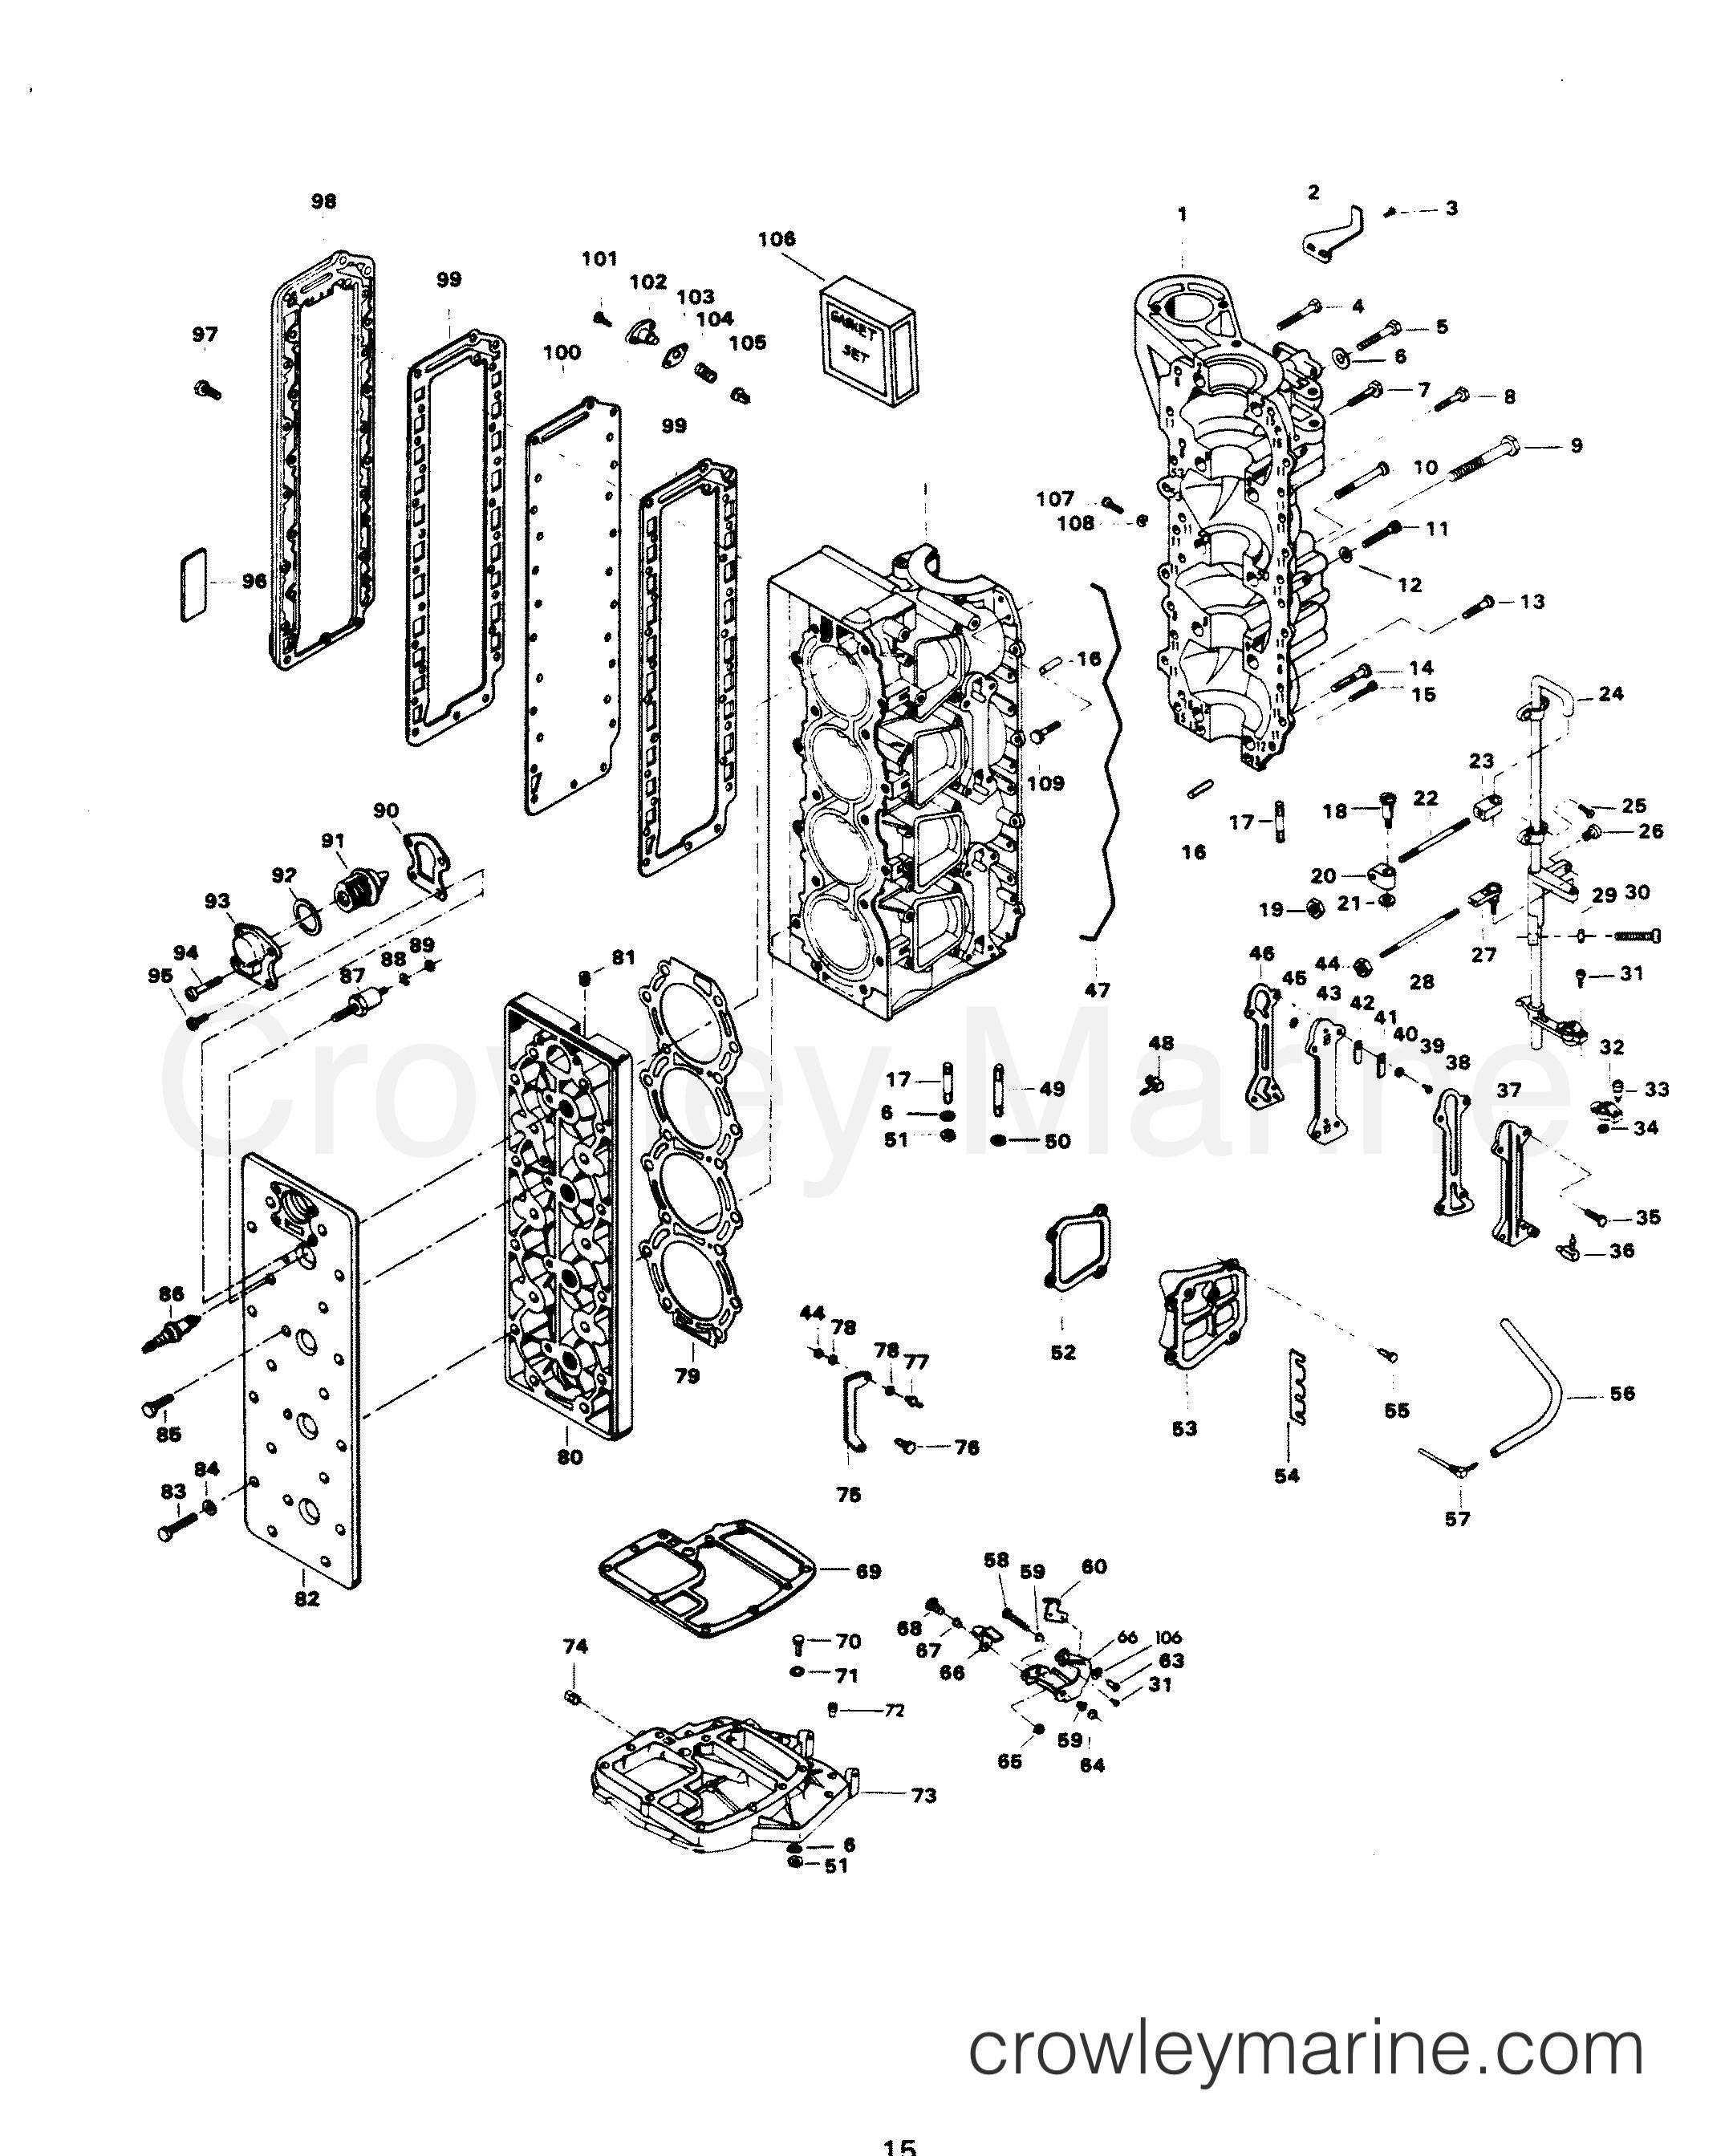 1982 Chrysler Outboard 140 - 1408B2D - POWER HEAD